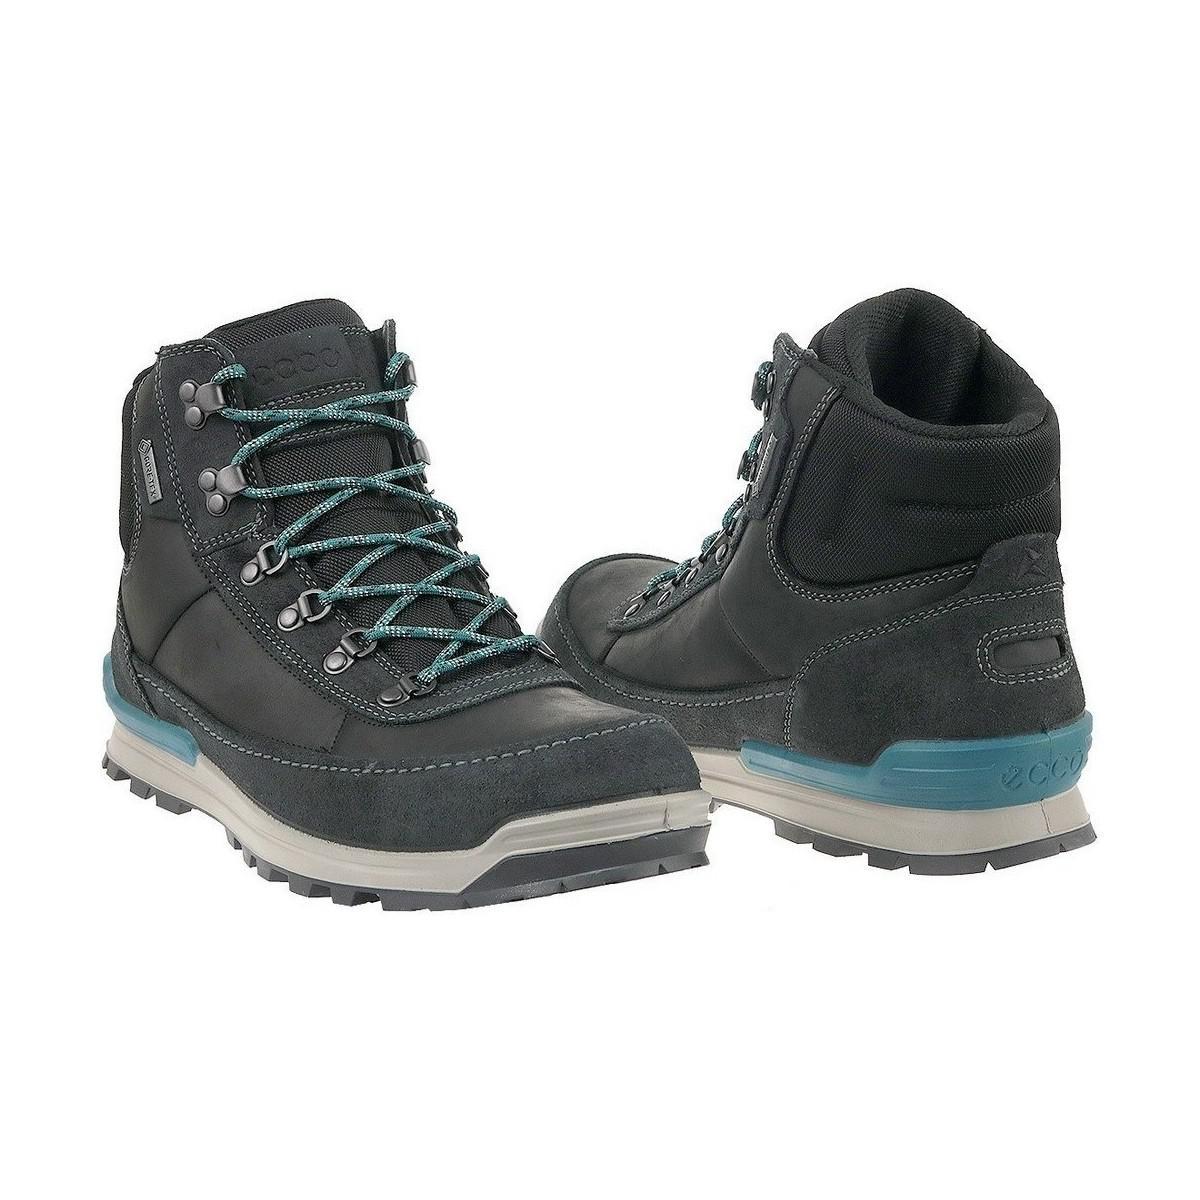 9f49c30b813b Ecco Oregon Men s Walking Boots In Black in Black for Men - Lyst